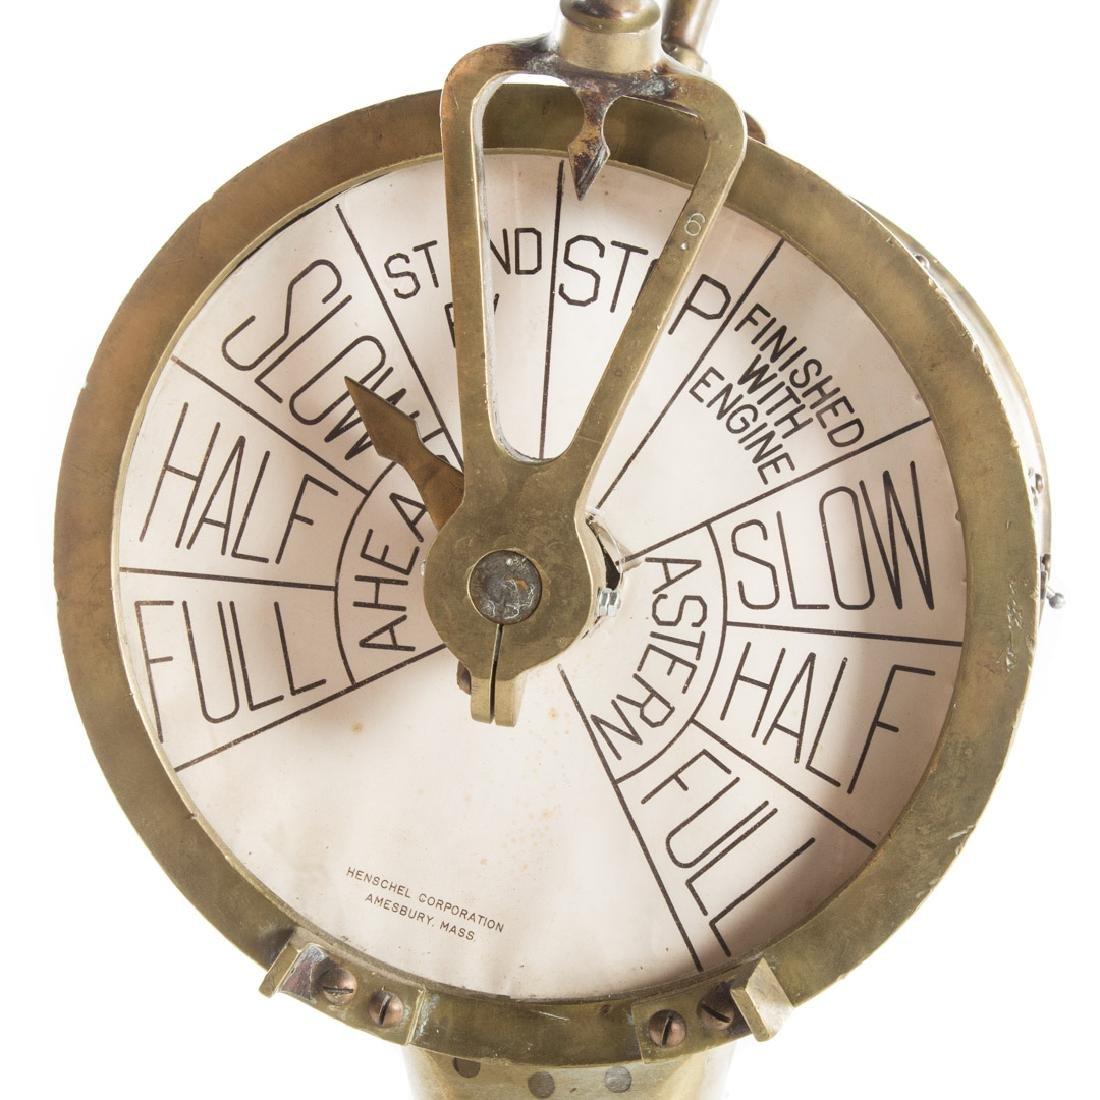 Henschel bronze engine order telegraph - 4